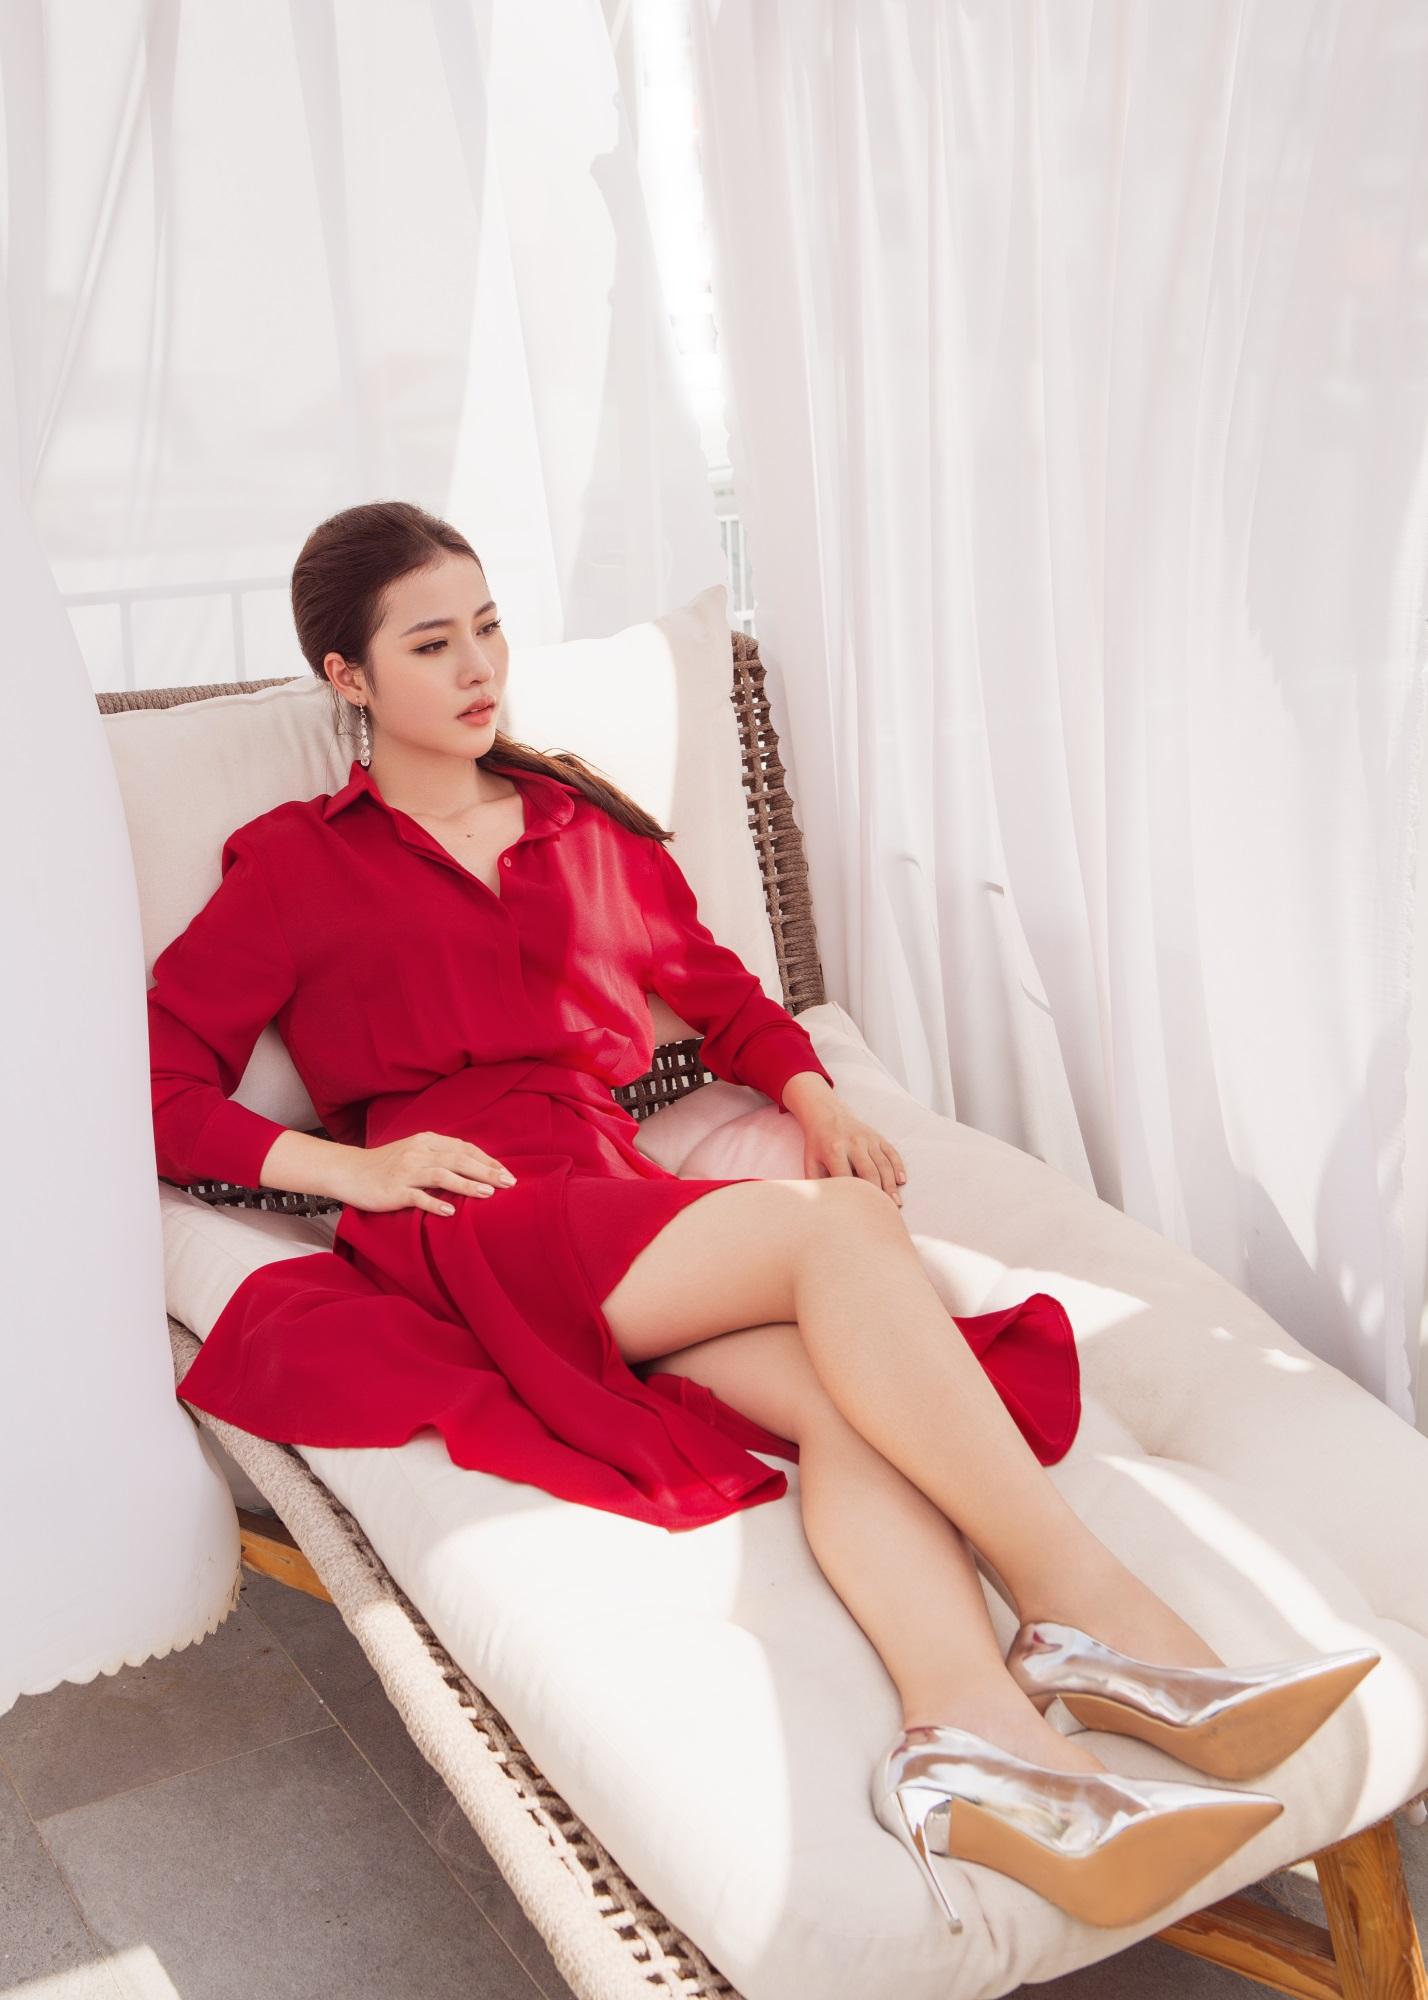 Hoa hậu Biển Kim Ngọc 'tái xuất' với hình ảnh quý cô thanh lịch đầy cuốn hút - Ảnh 7